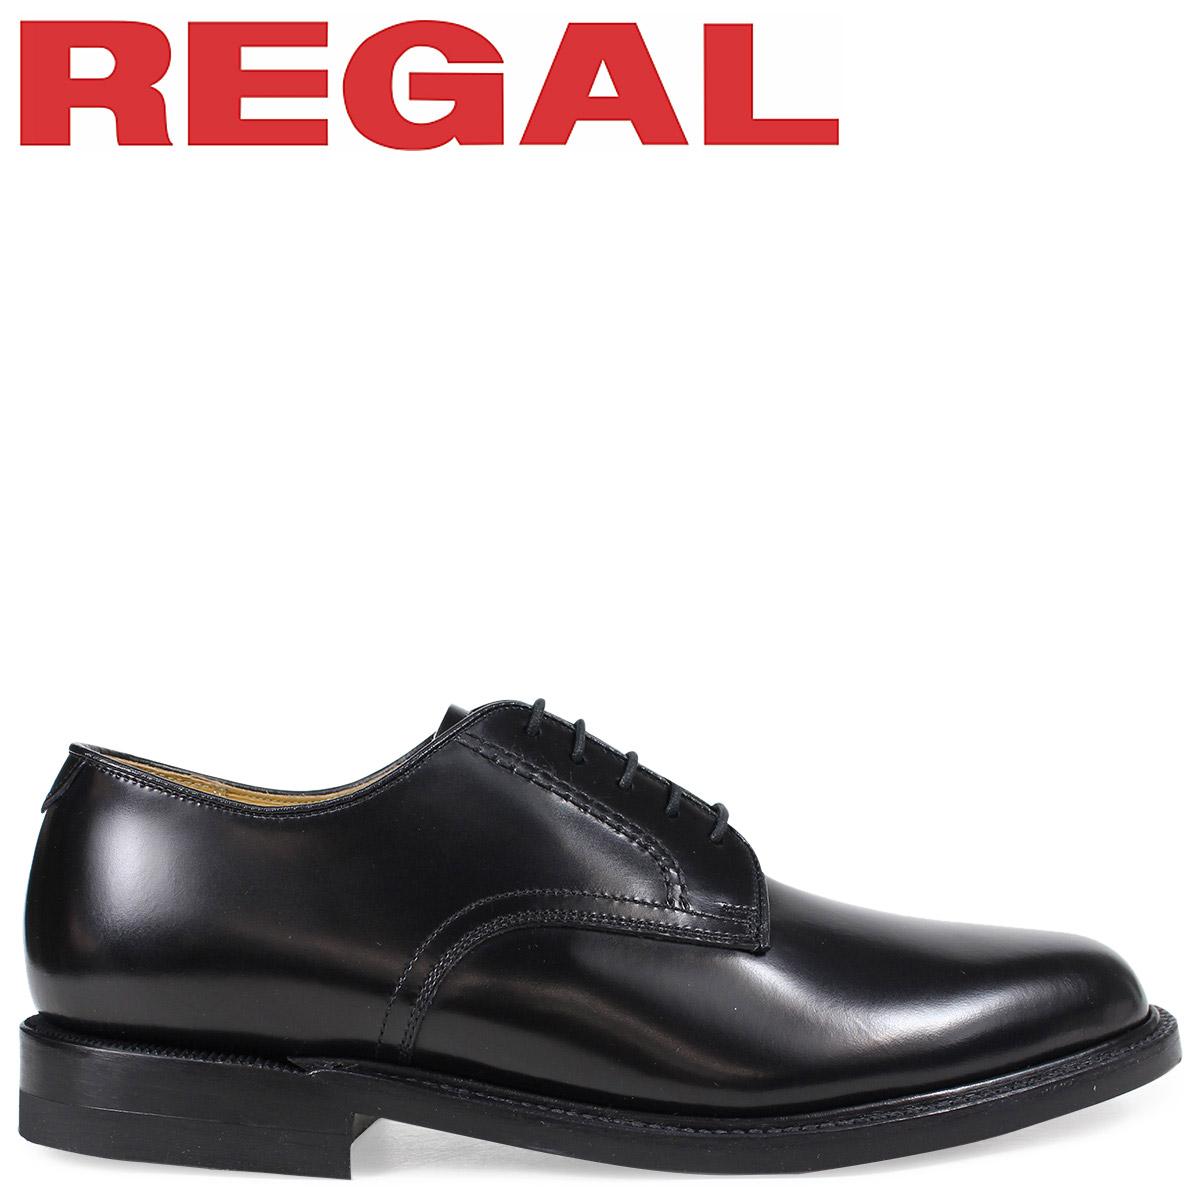 男女兼用 REGAL 靴 メンズ ブラウン リーガル 靴 プレーントゥ ビジネスシューズ REGAL 日本製 ブラウン 2504NA, ジュエリーショップ ウェイ:c4cc67f7 --- supercanaltv.zonalivresh.dominiotemporario.com